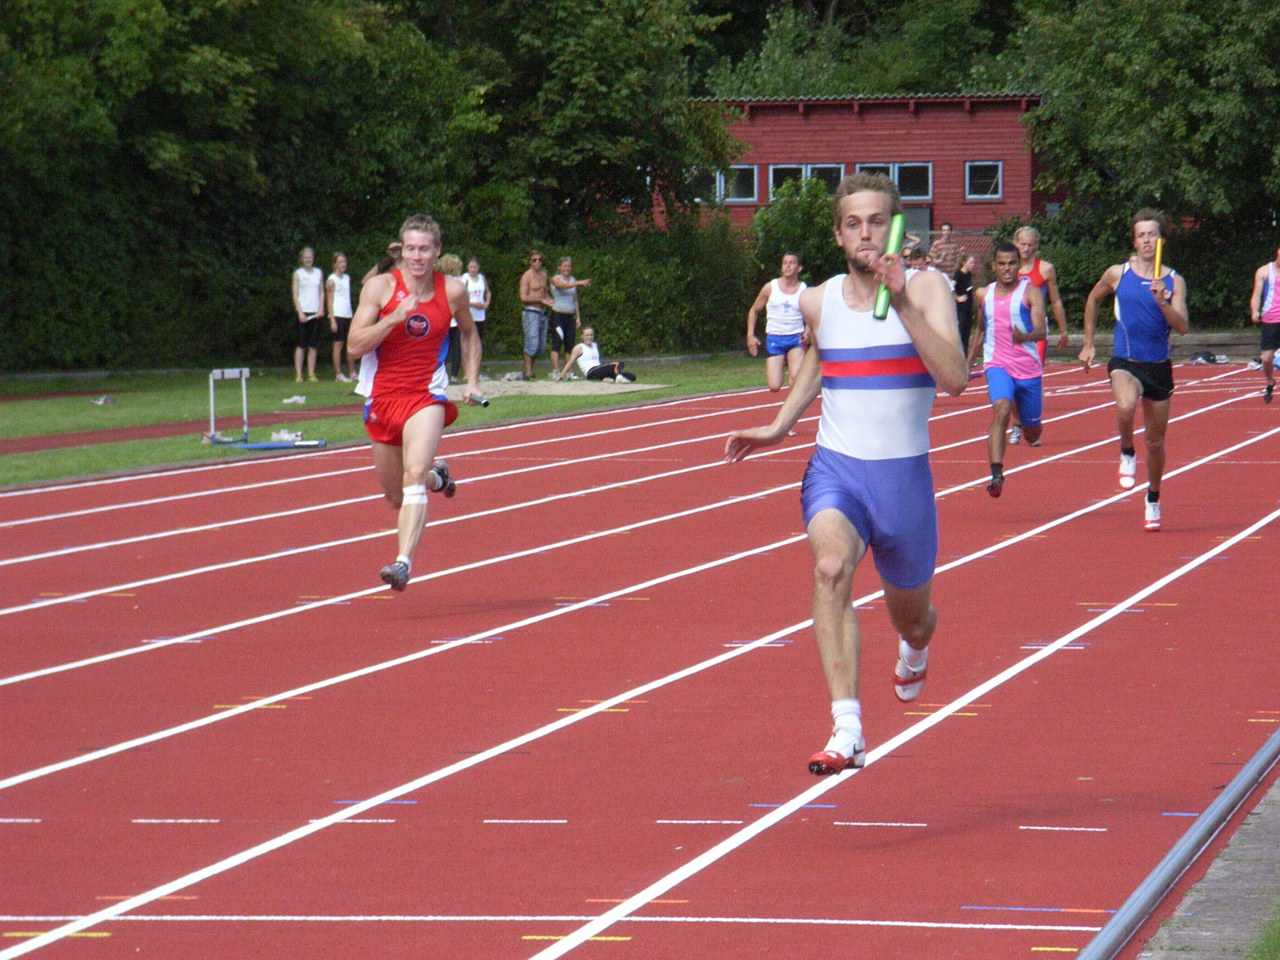 vinder 800 m løb kvinder ol